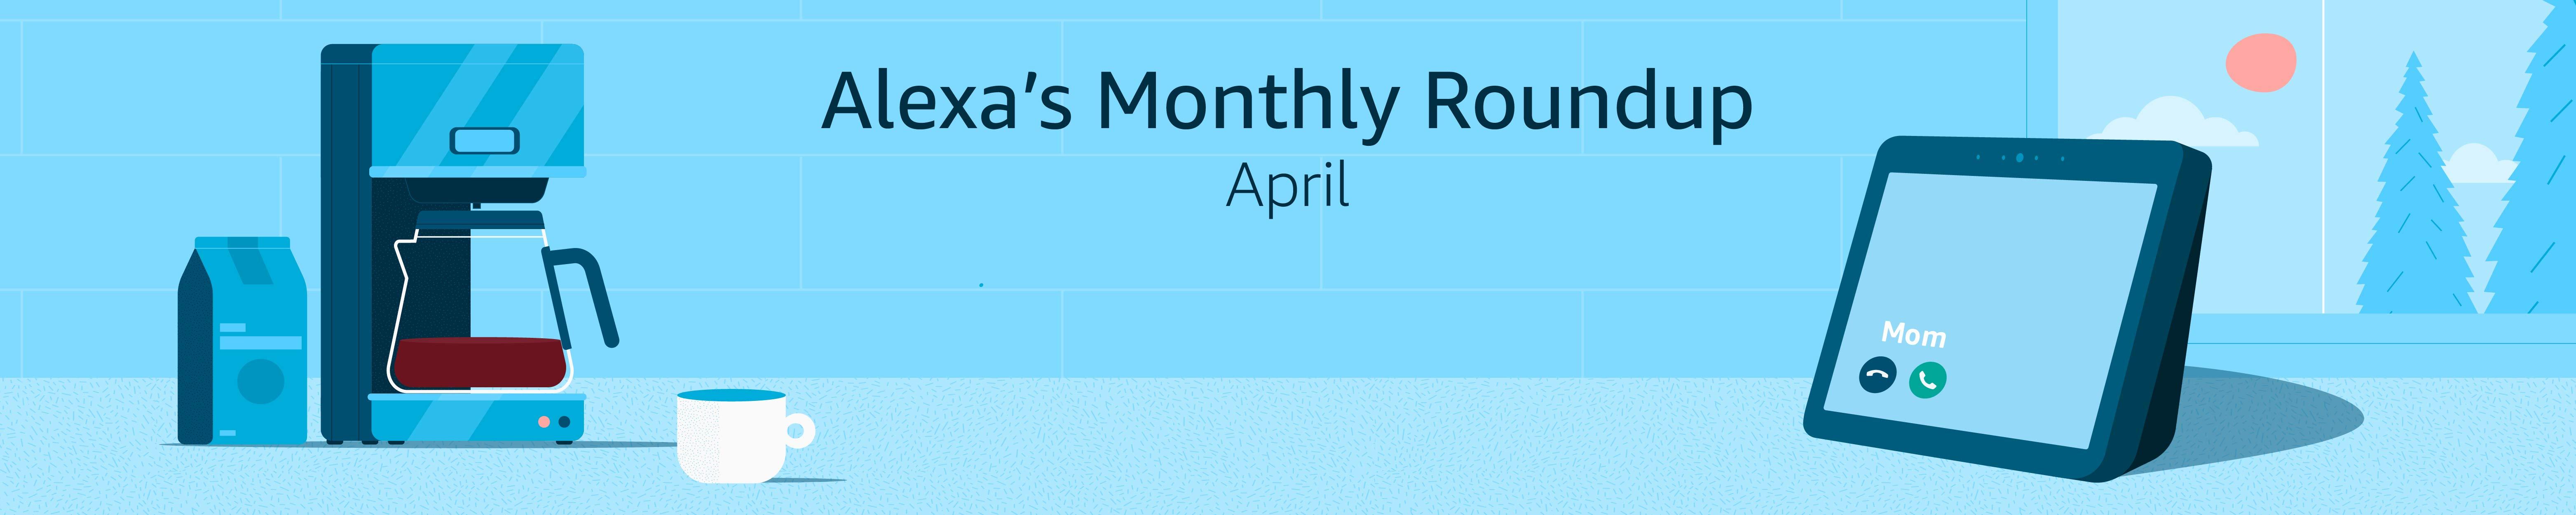 Alexa's Monthly Roundup: April